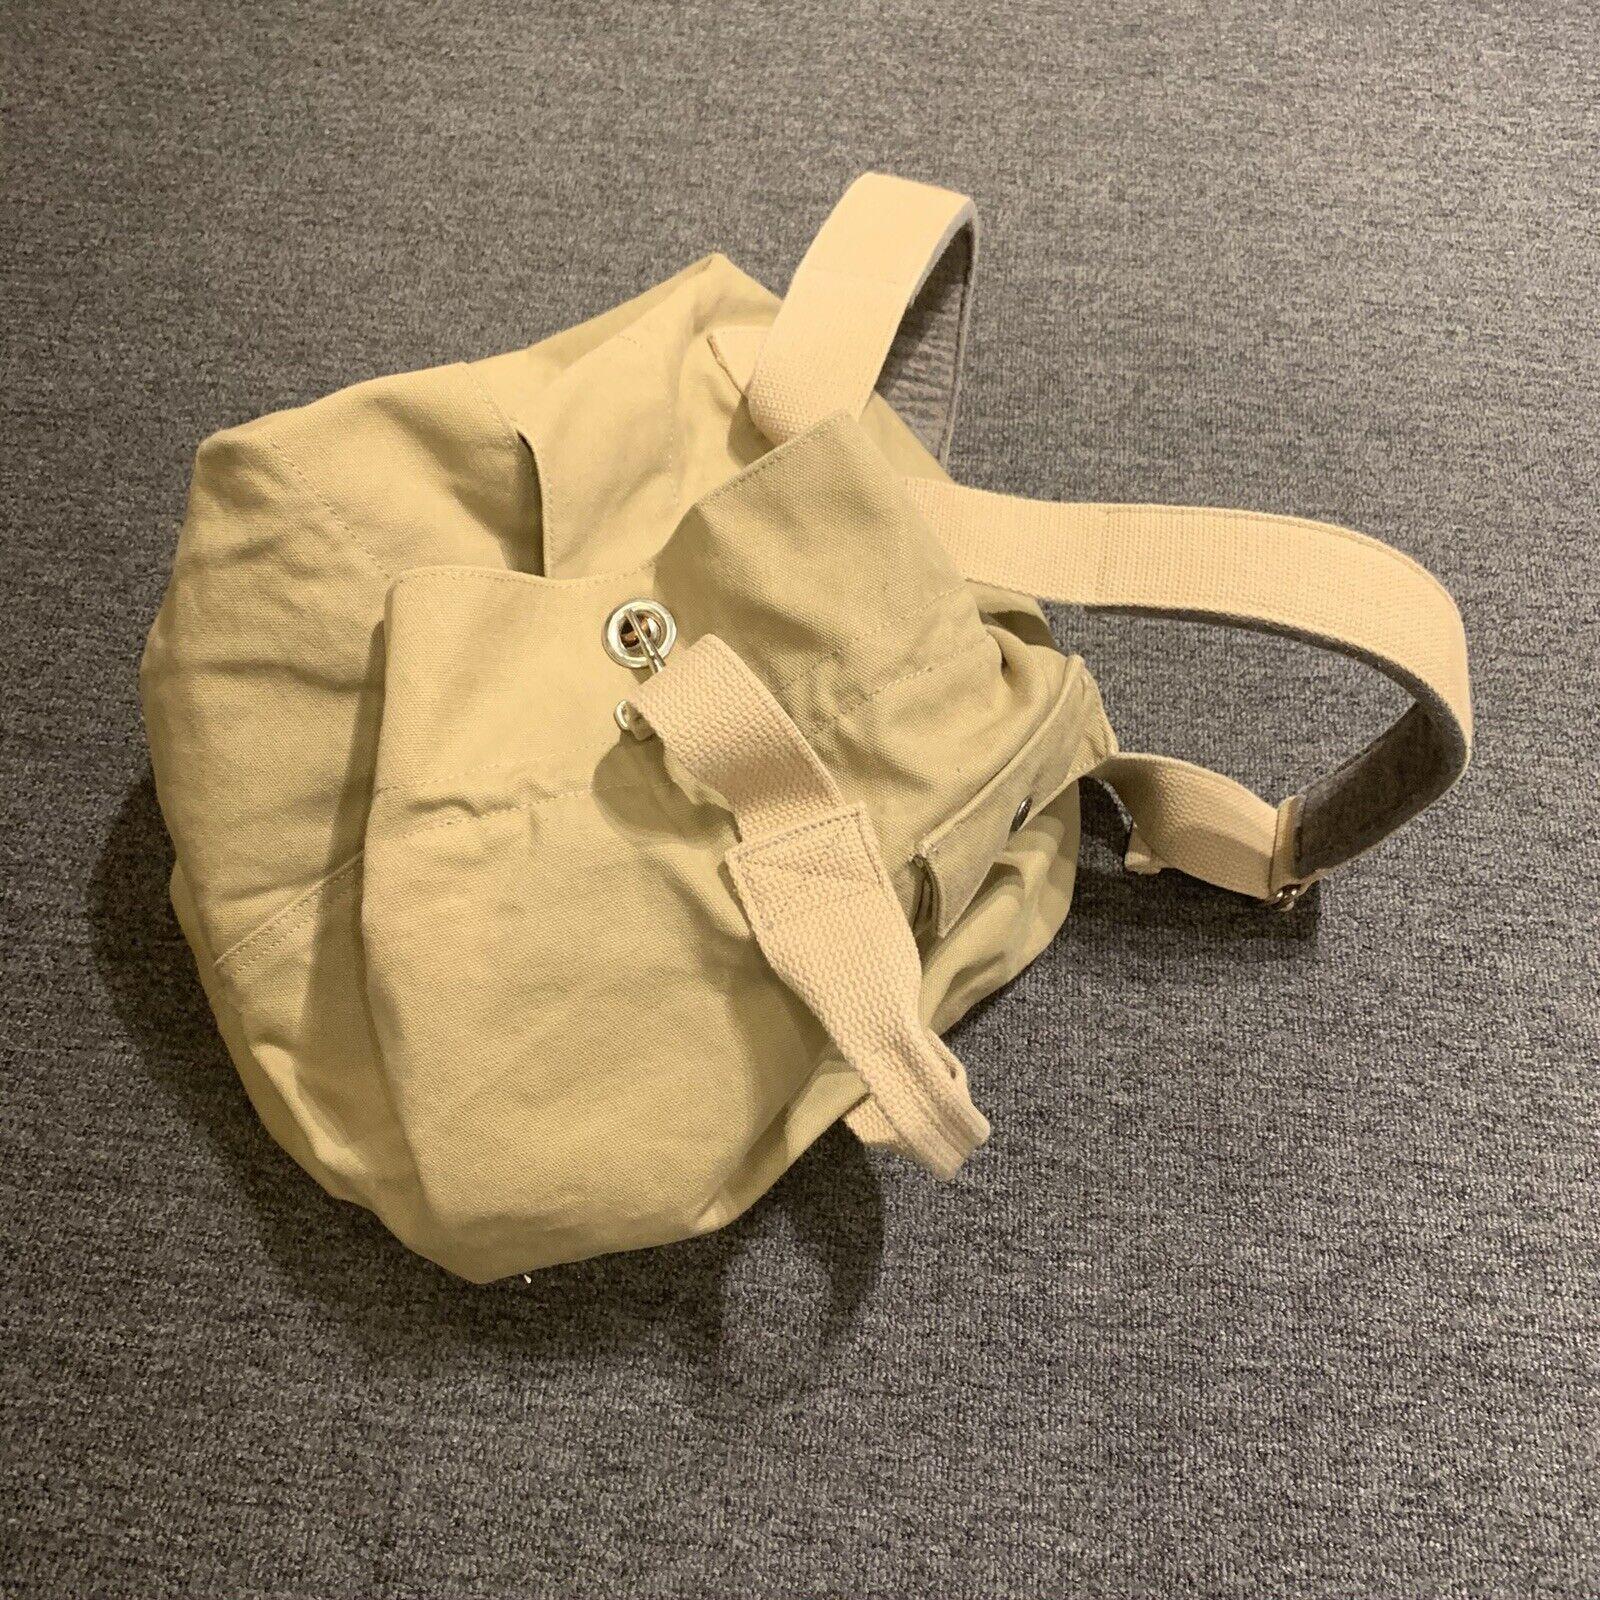 Engineered Garments Army Duffle Backpack Khaki